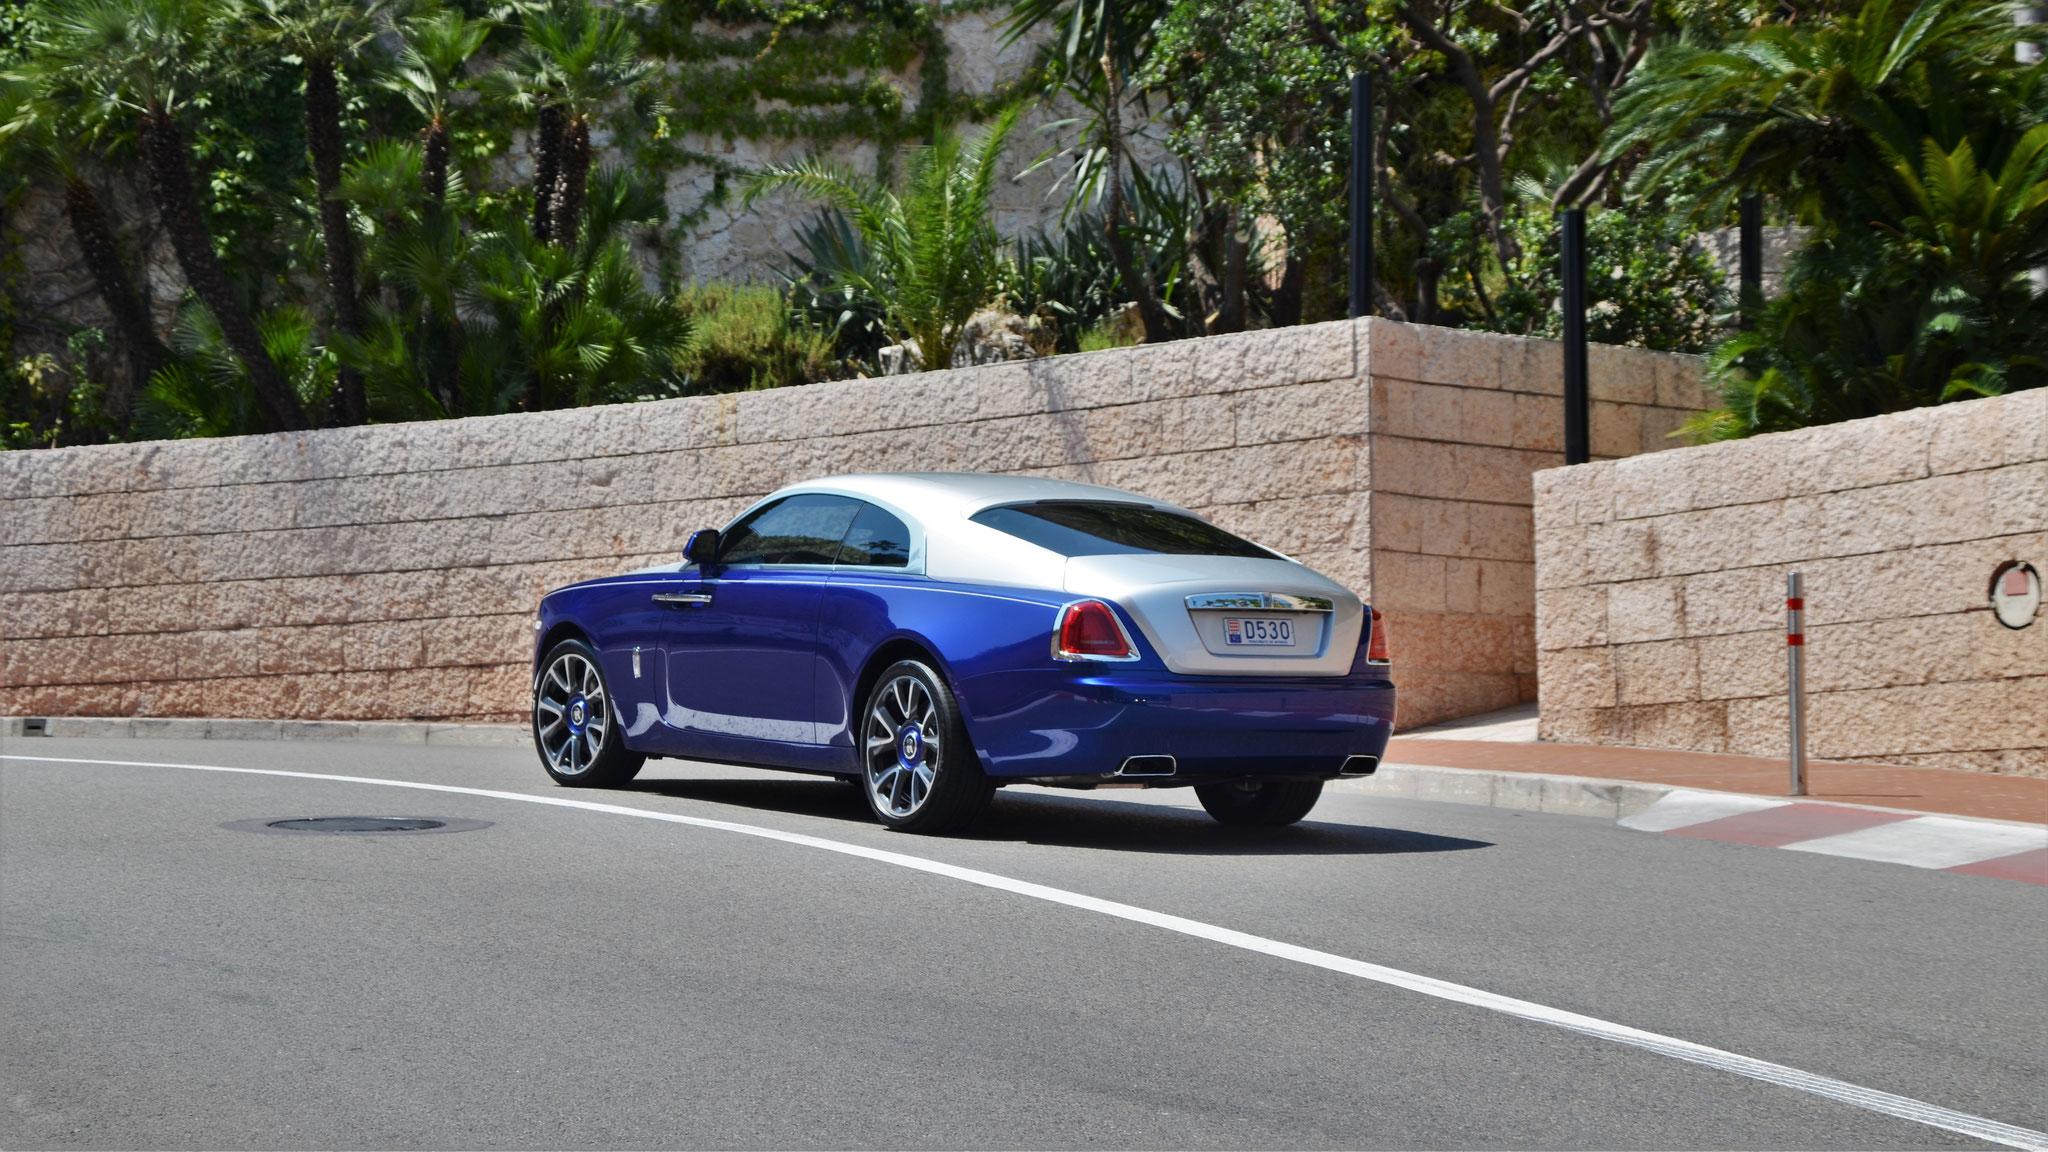 Rolls Royce Wraith - D530 (MC)